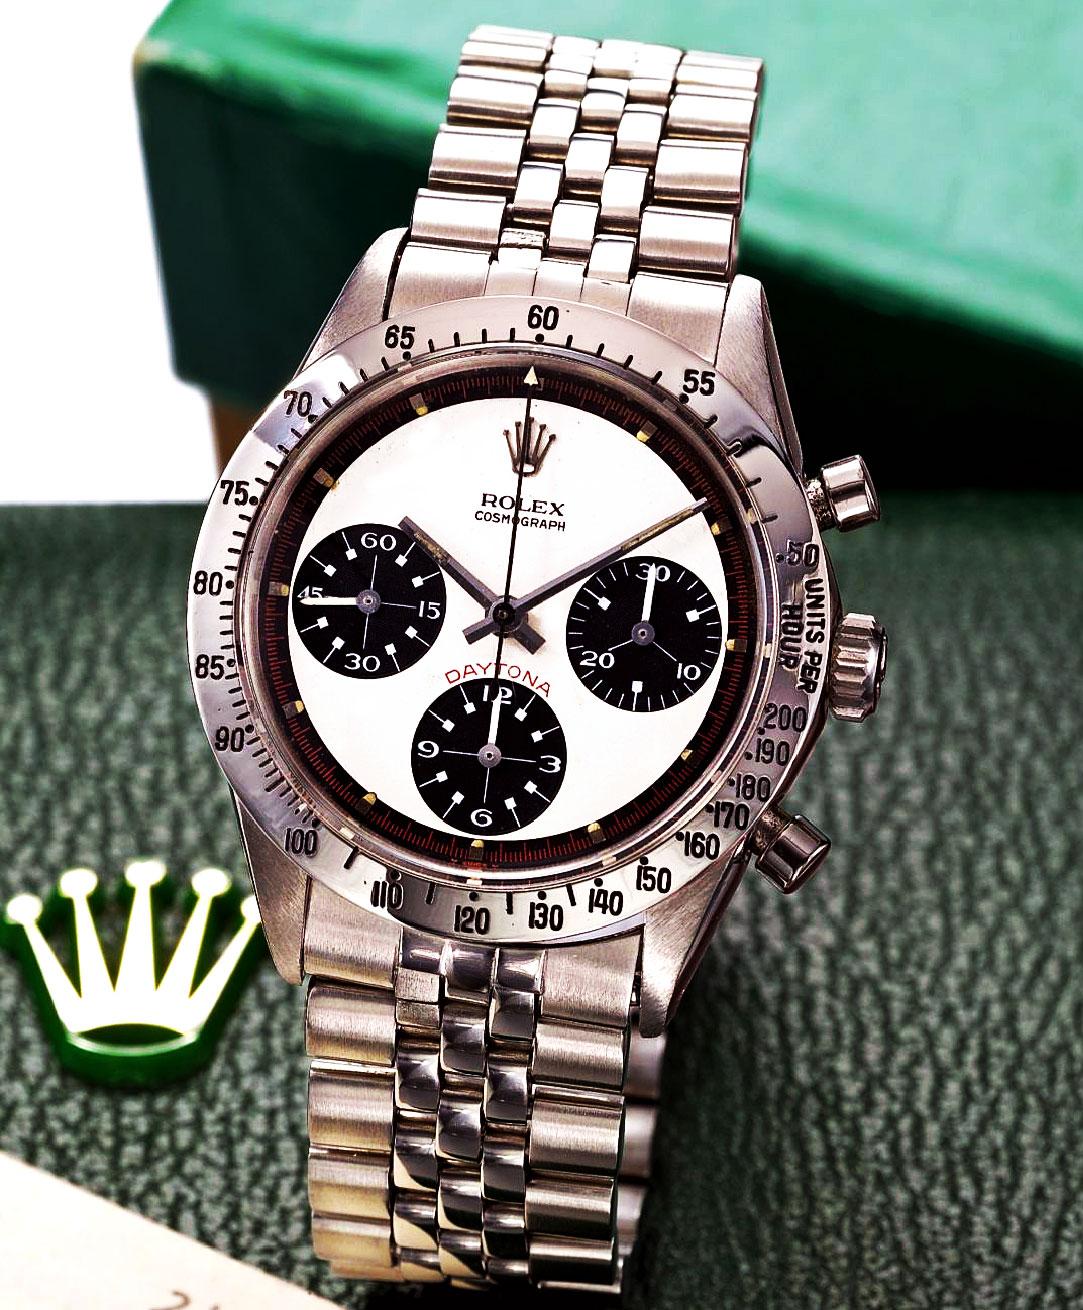 http://3.bp.blogspot.com/_04kZGR_ltmE/TQrfr8fPTcI/AAAAAAAAIvg/_Pll3WR-wJ8/s1600/Rolex-Daytona-Reference-6239-from-1964.jpg